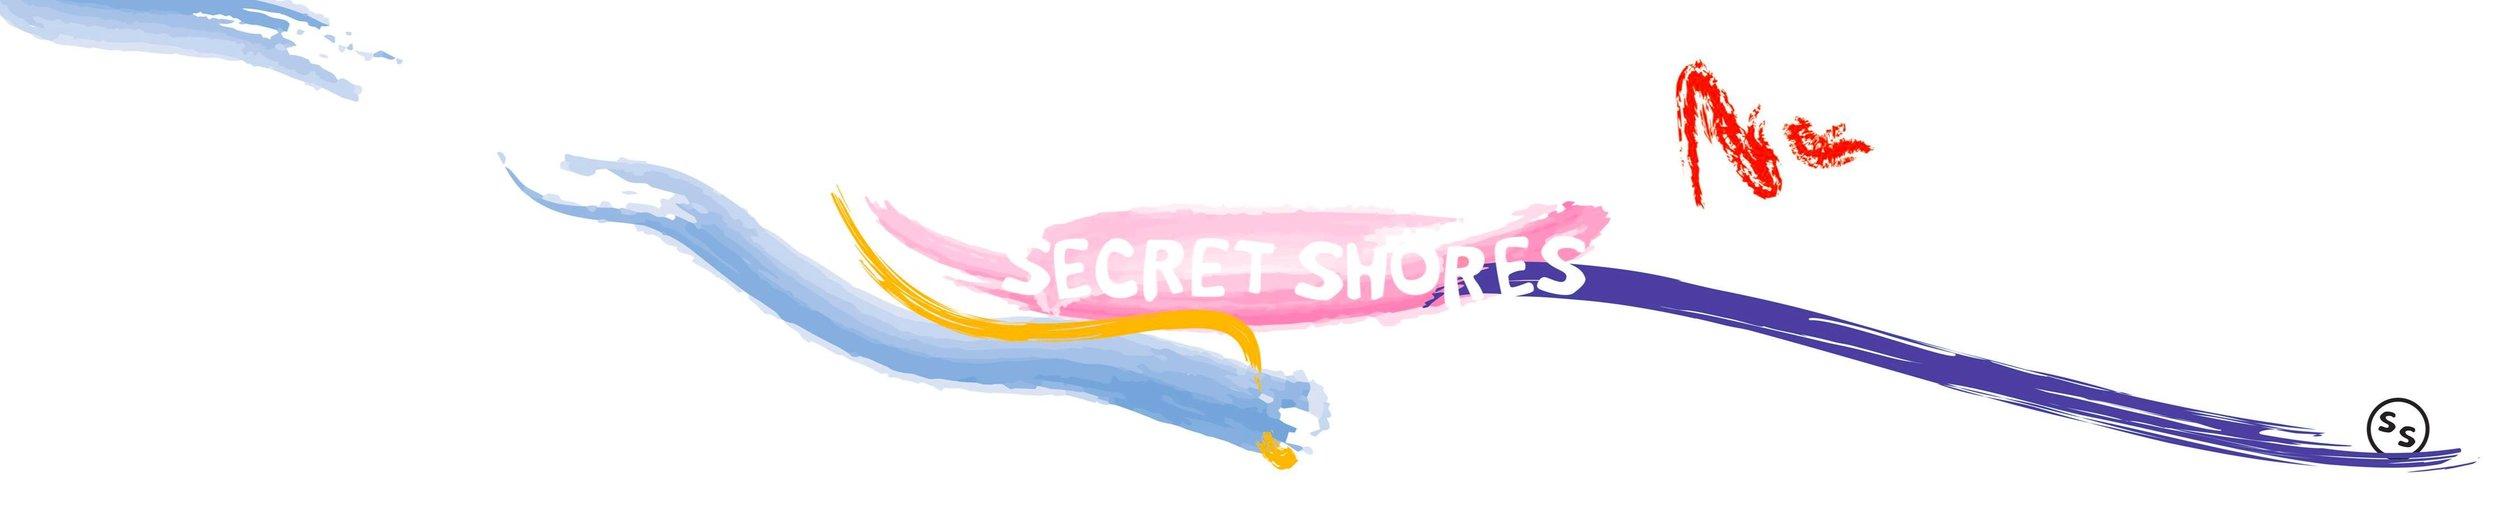 press secret shores.jpg